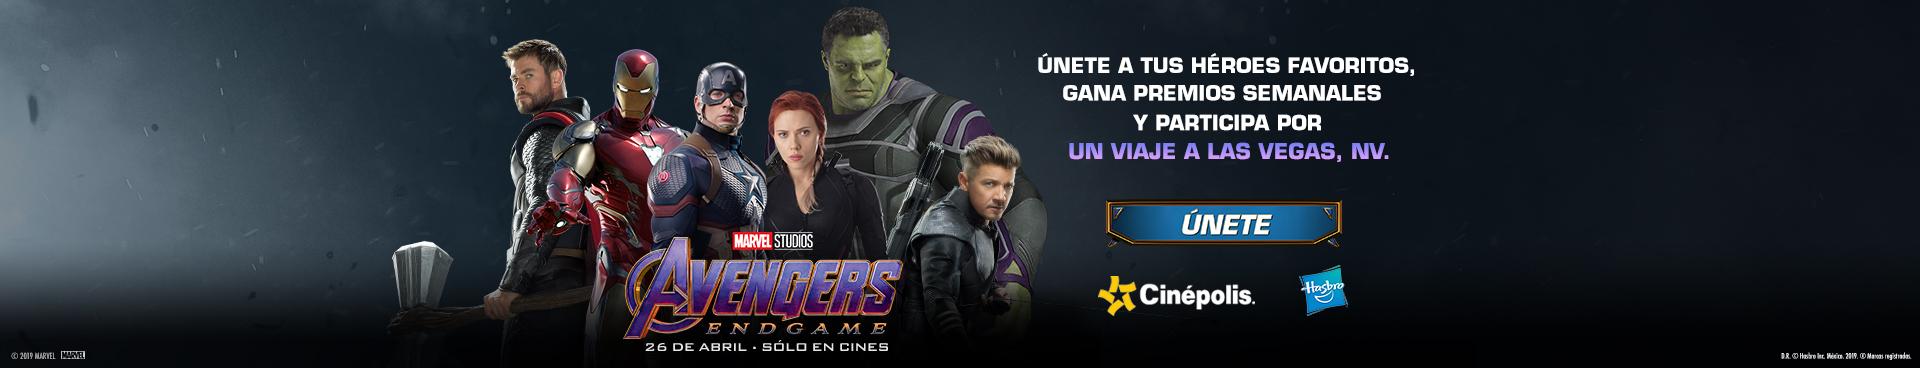 Promoción Avengers Hasbro